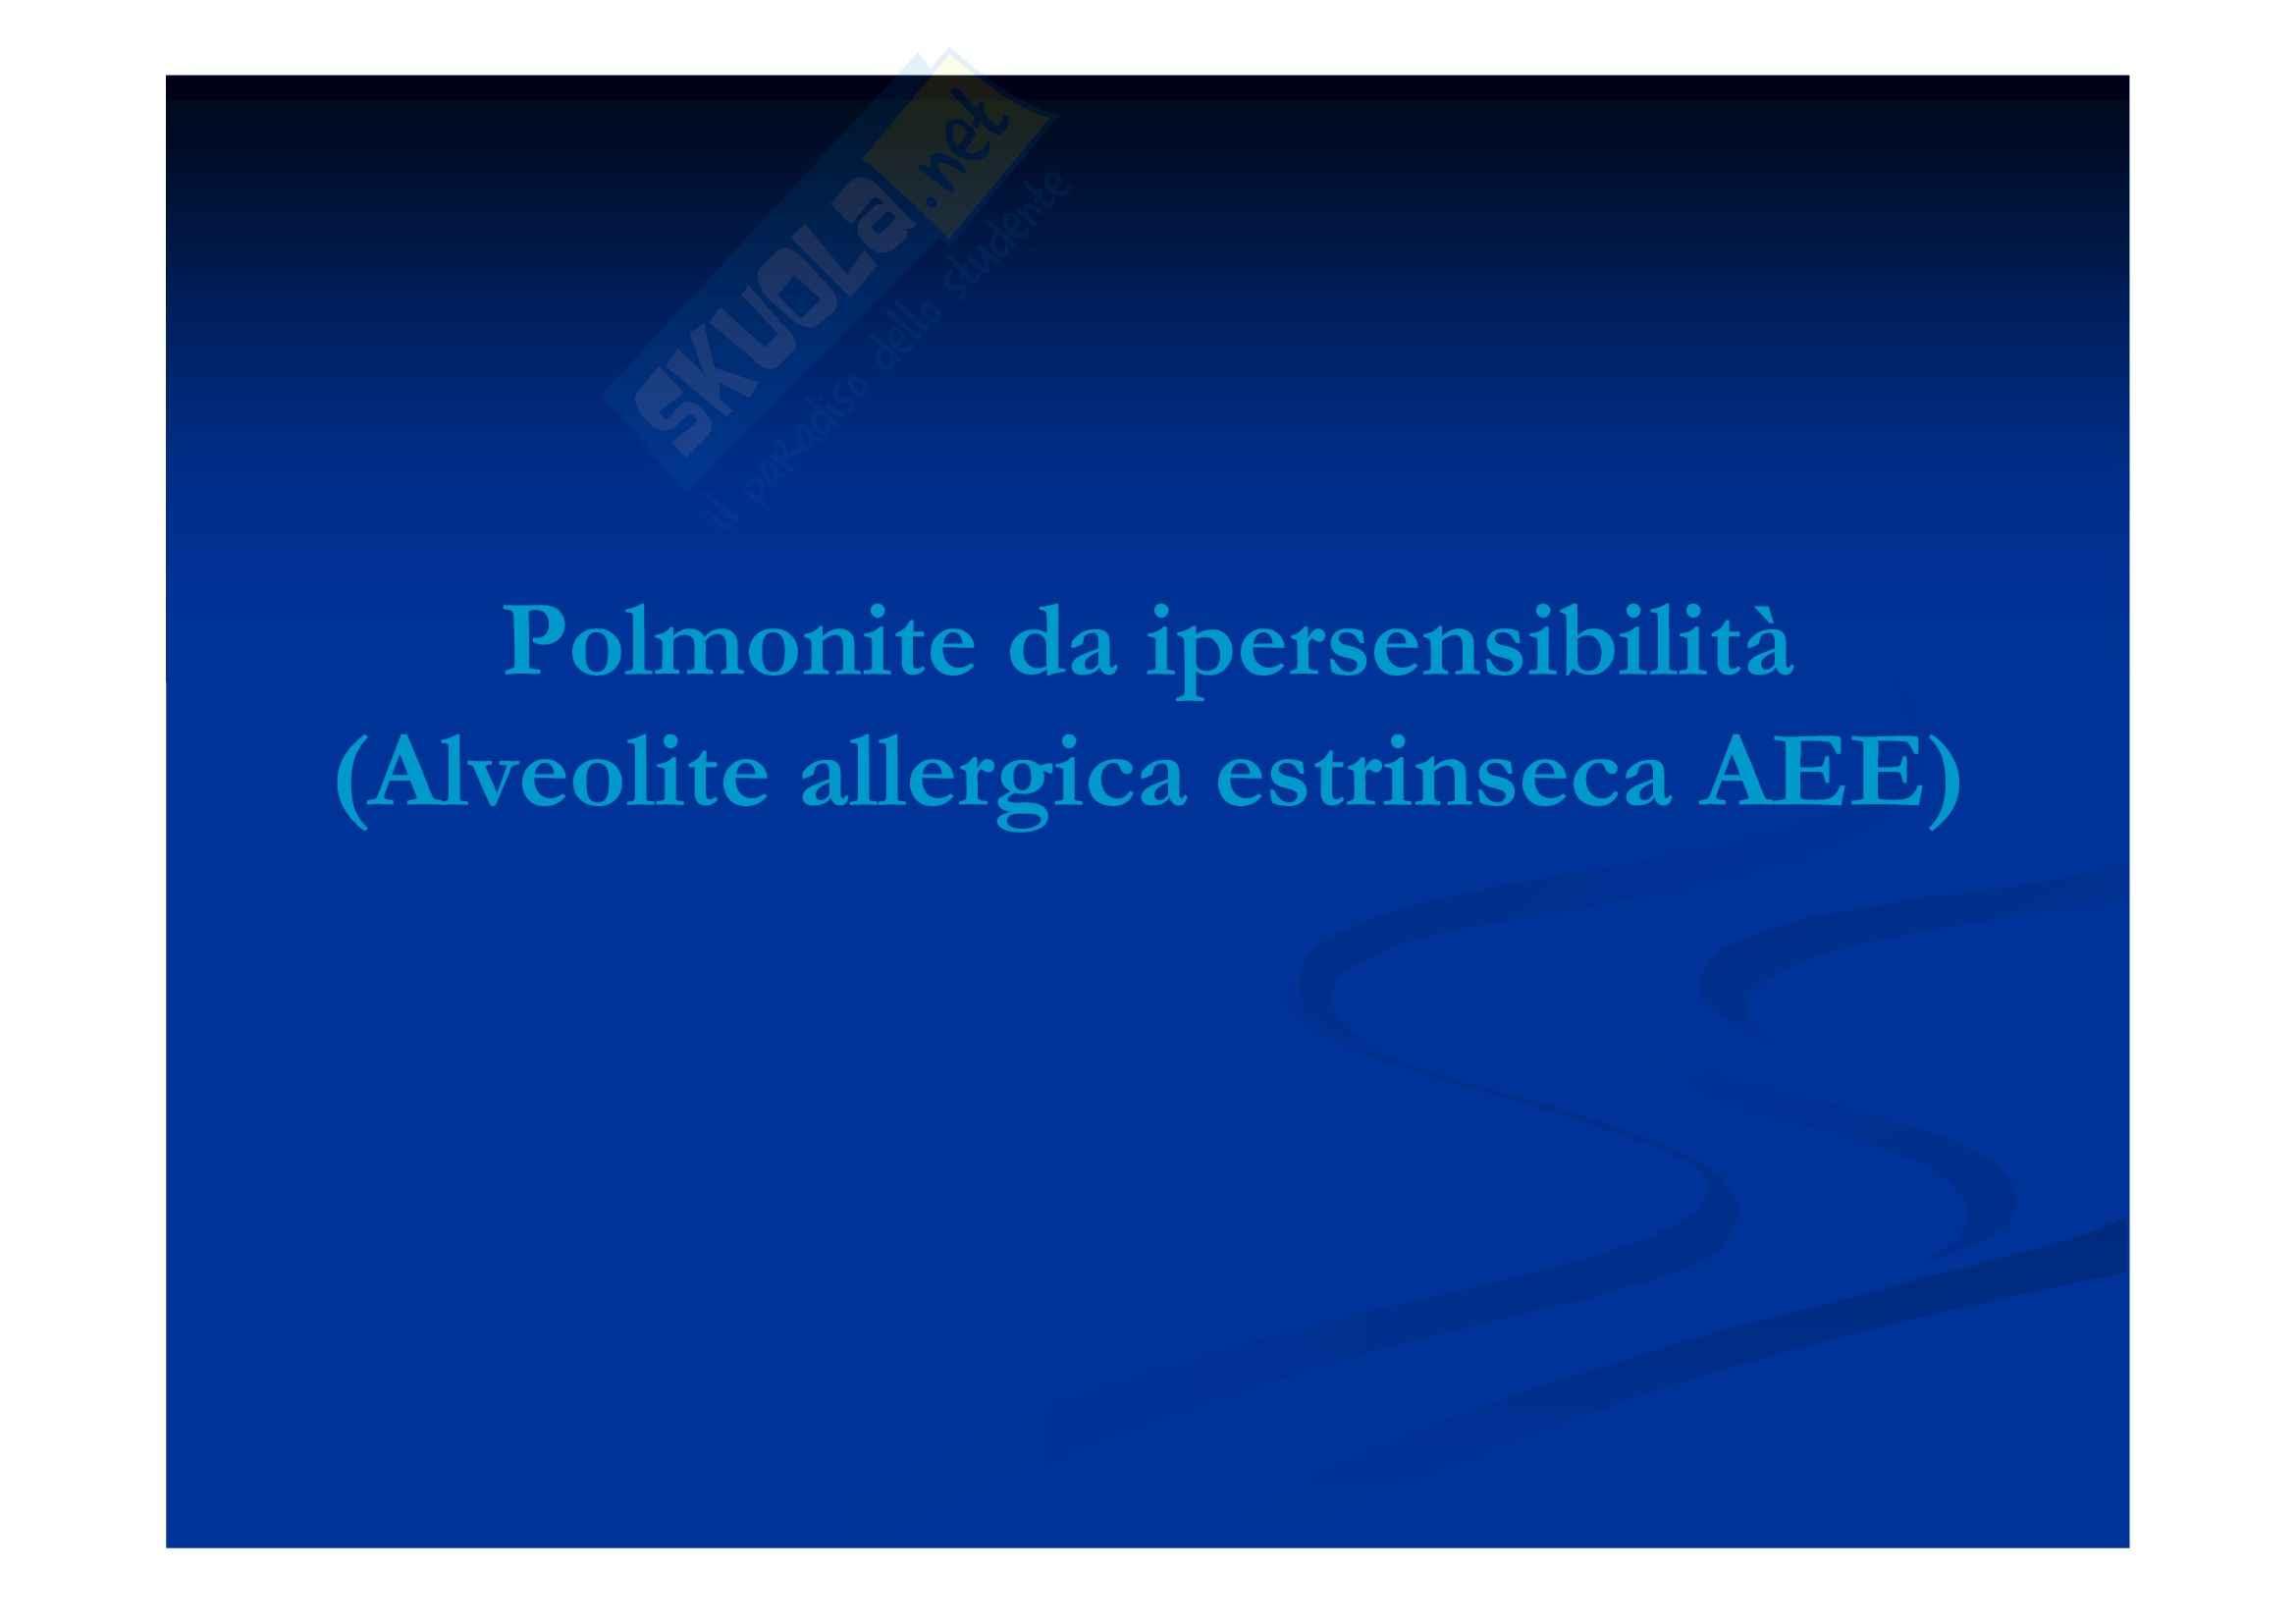 Polmonite da ipersensibilità